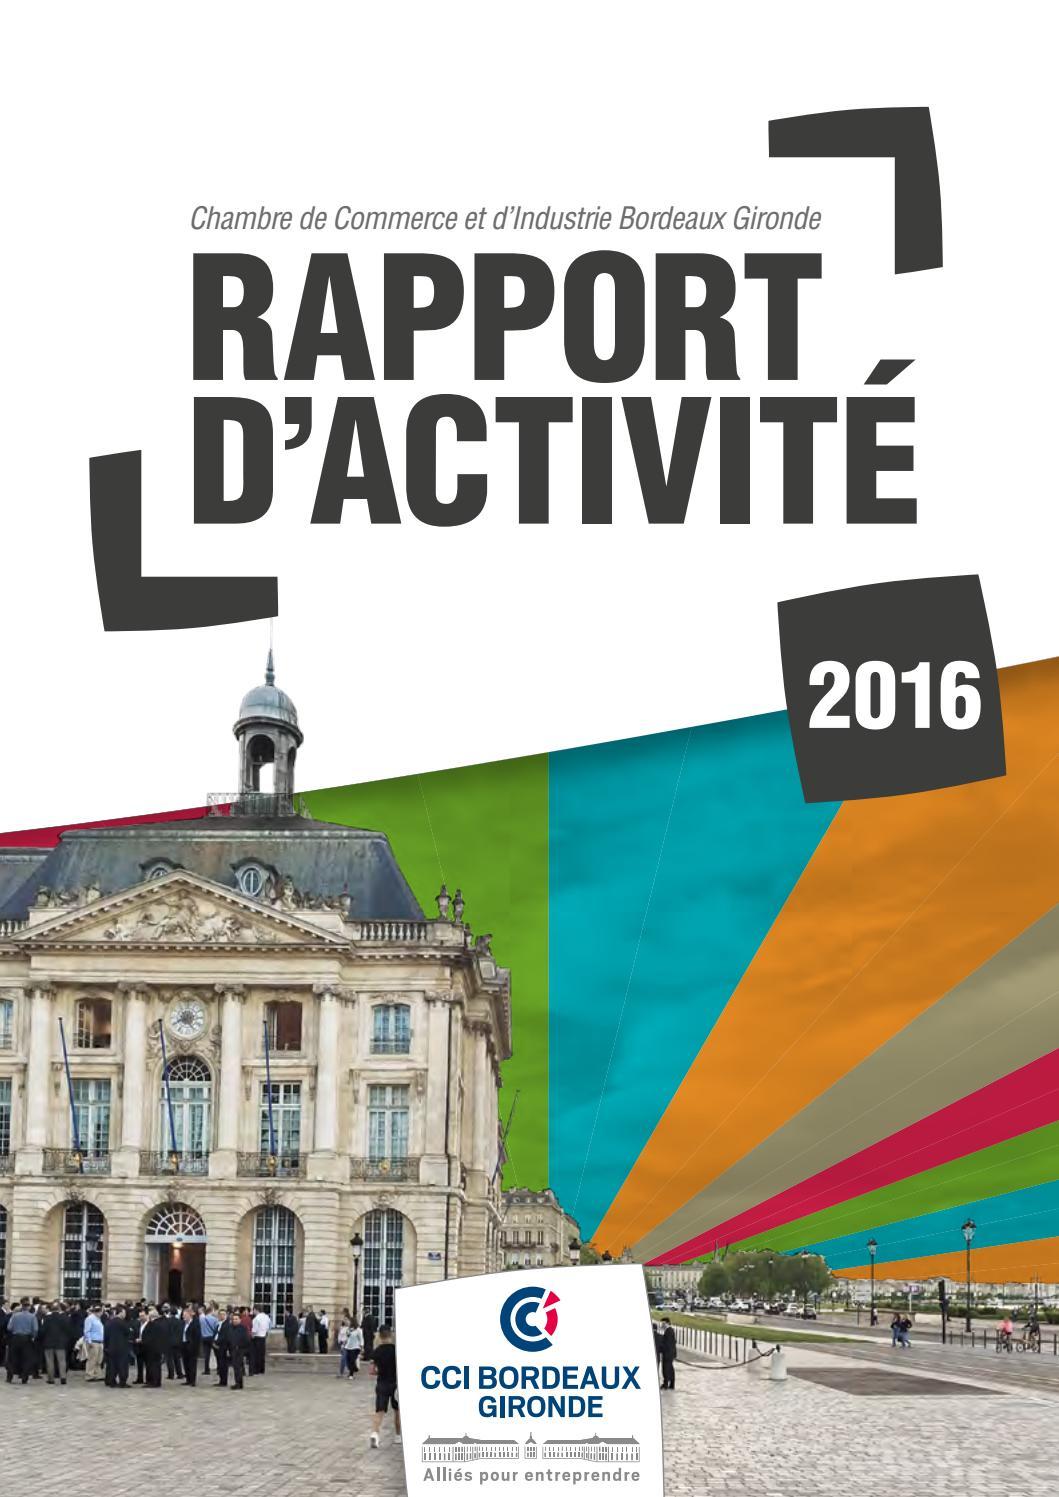 Cci bordeaux gironde rapport d 39 activit 2016 by cci bordeaux gironde issuu - Chambre du commerce bordeaux ...